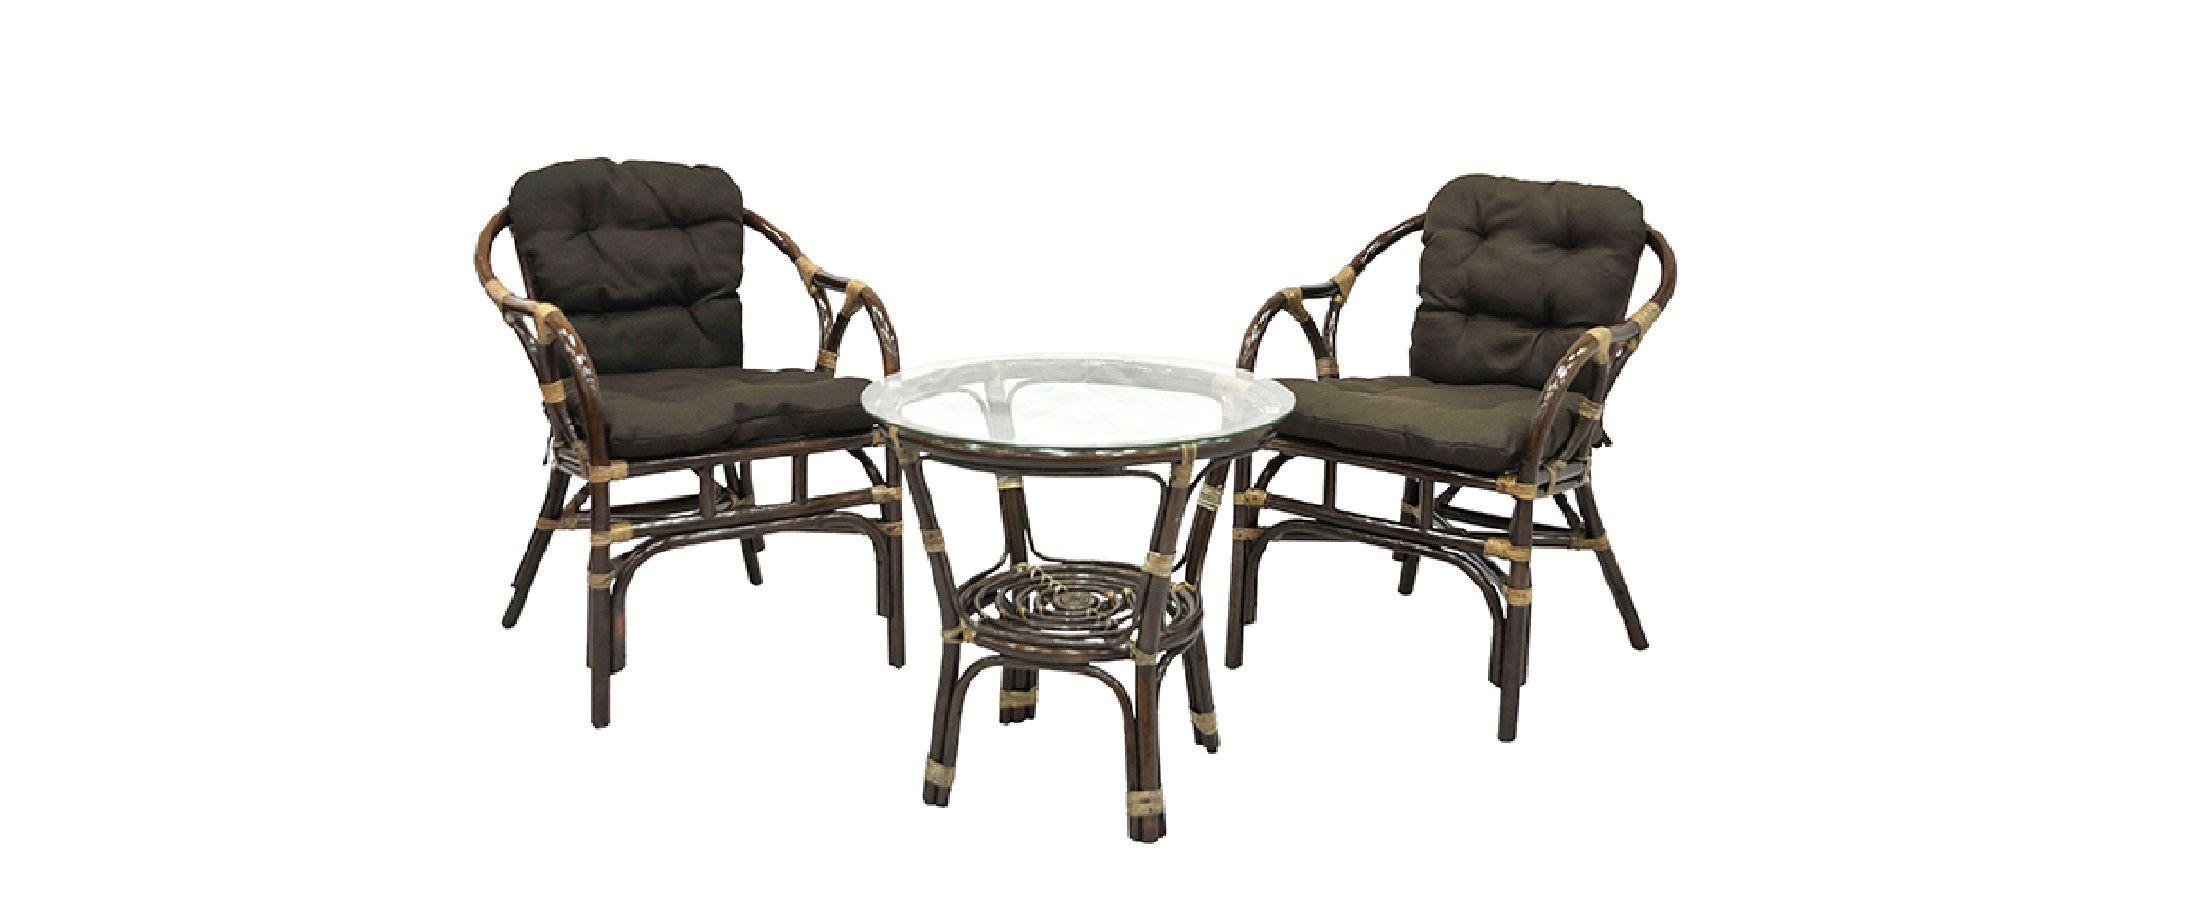 Комплект кофейный «Terrace Set»Комплект кофейный Terrace Set<br><br>Ширина см: 55<br>Глубина см: 58<br>Высота см: 75<br>Цвет корпуса: Браун<br>Материал корпуса: Натуральный ротанг